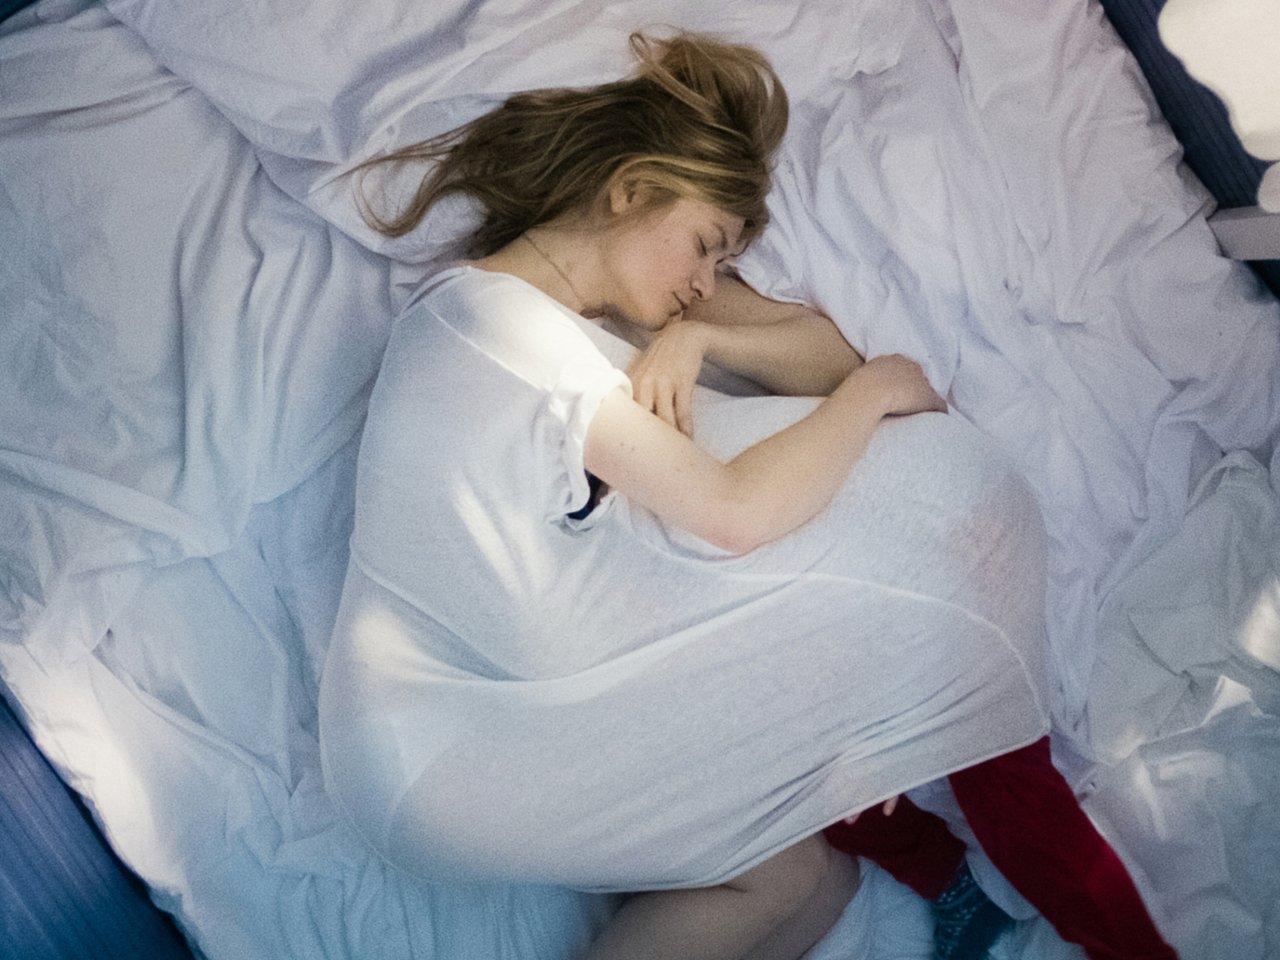 Der Traum vom sorgenfreien Mutterglück: Astrid (Julia Jentsch) mit ihrer gesunden Tochter Nele